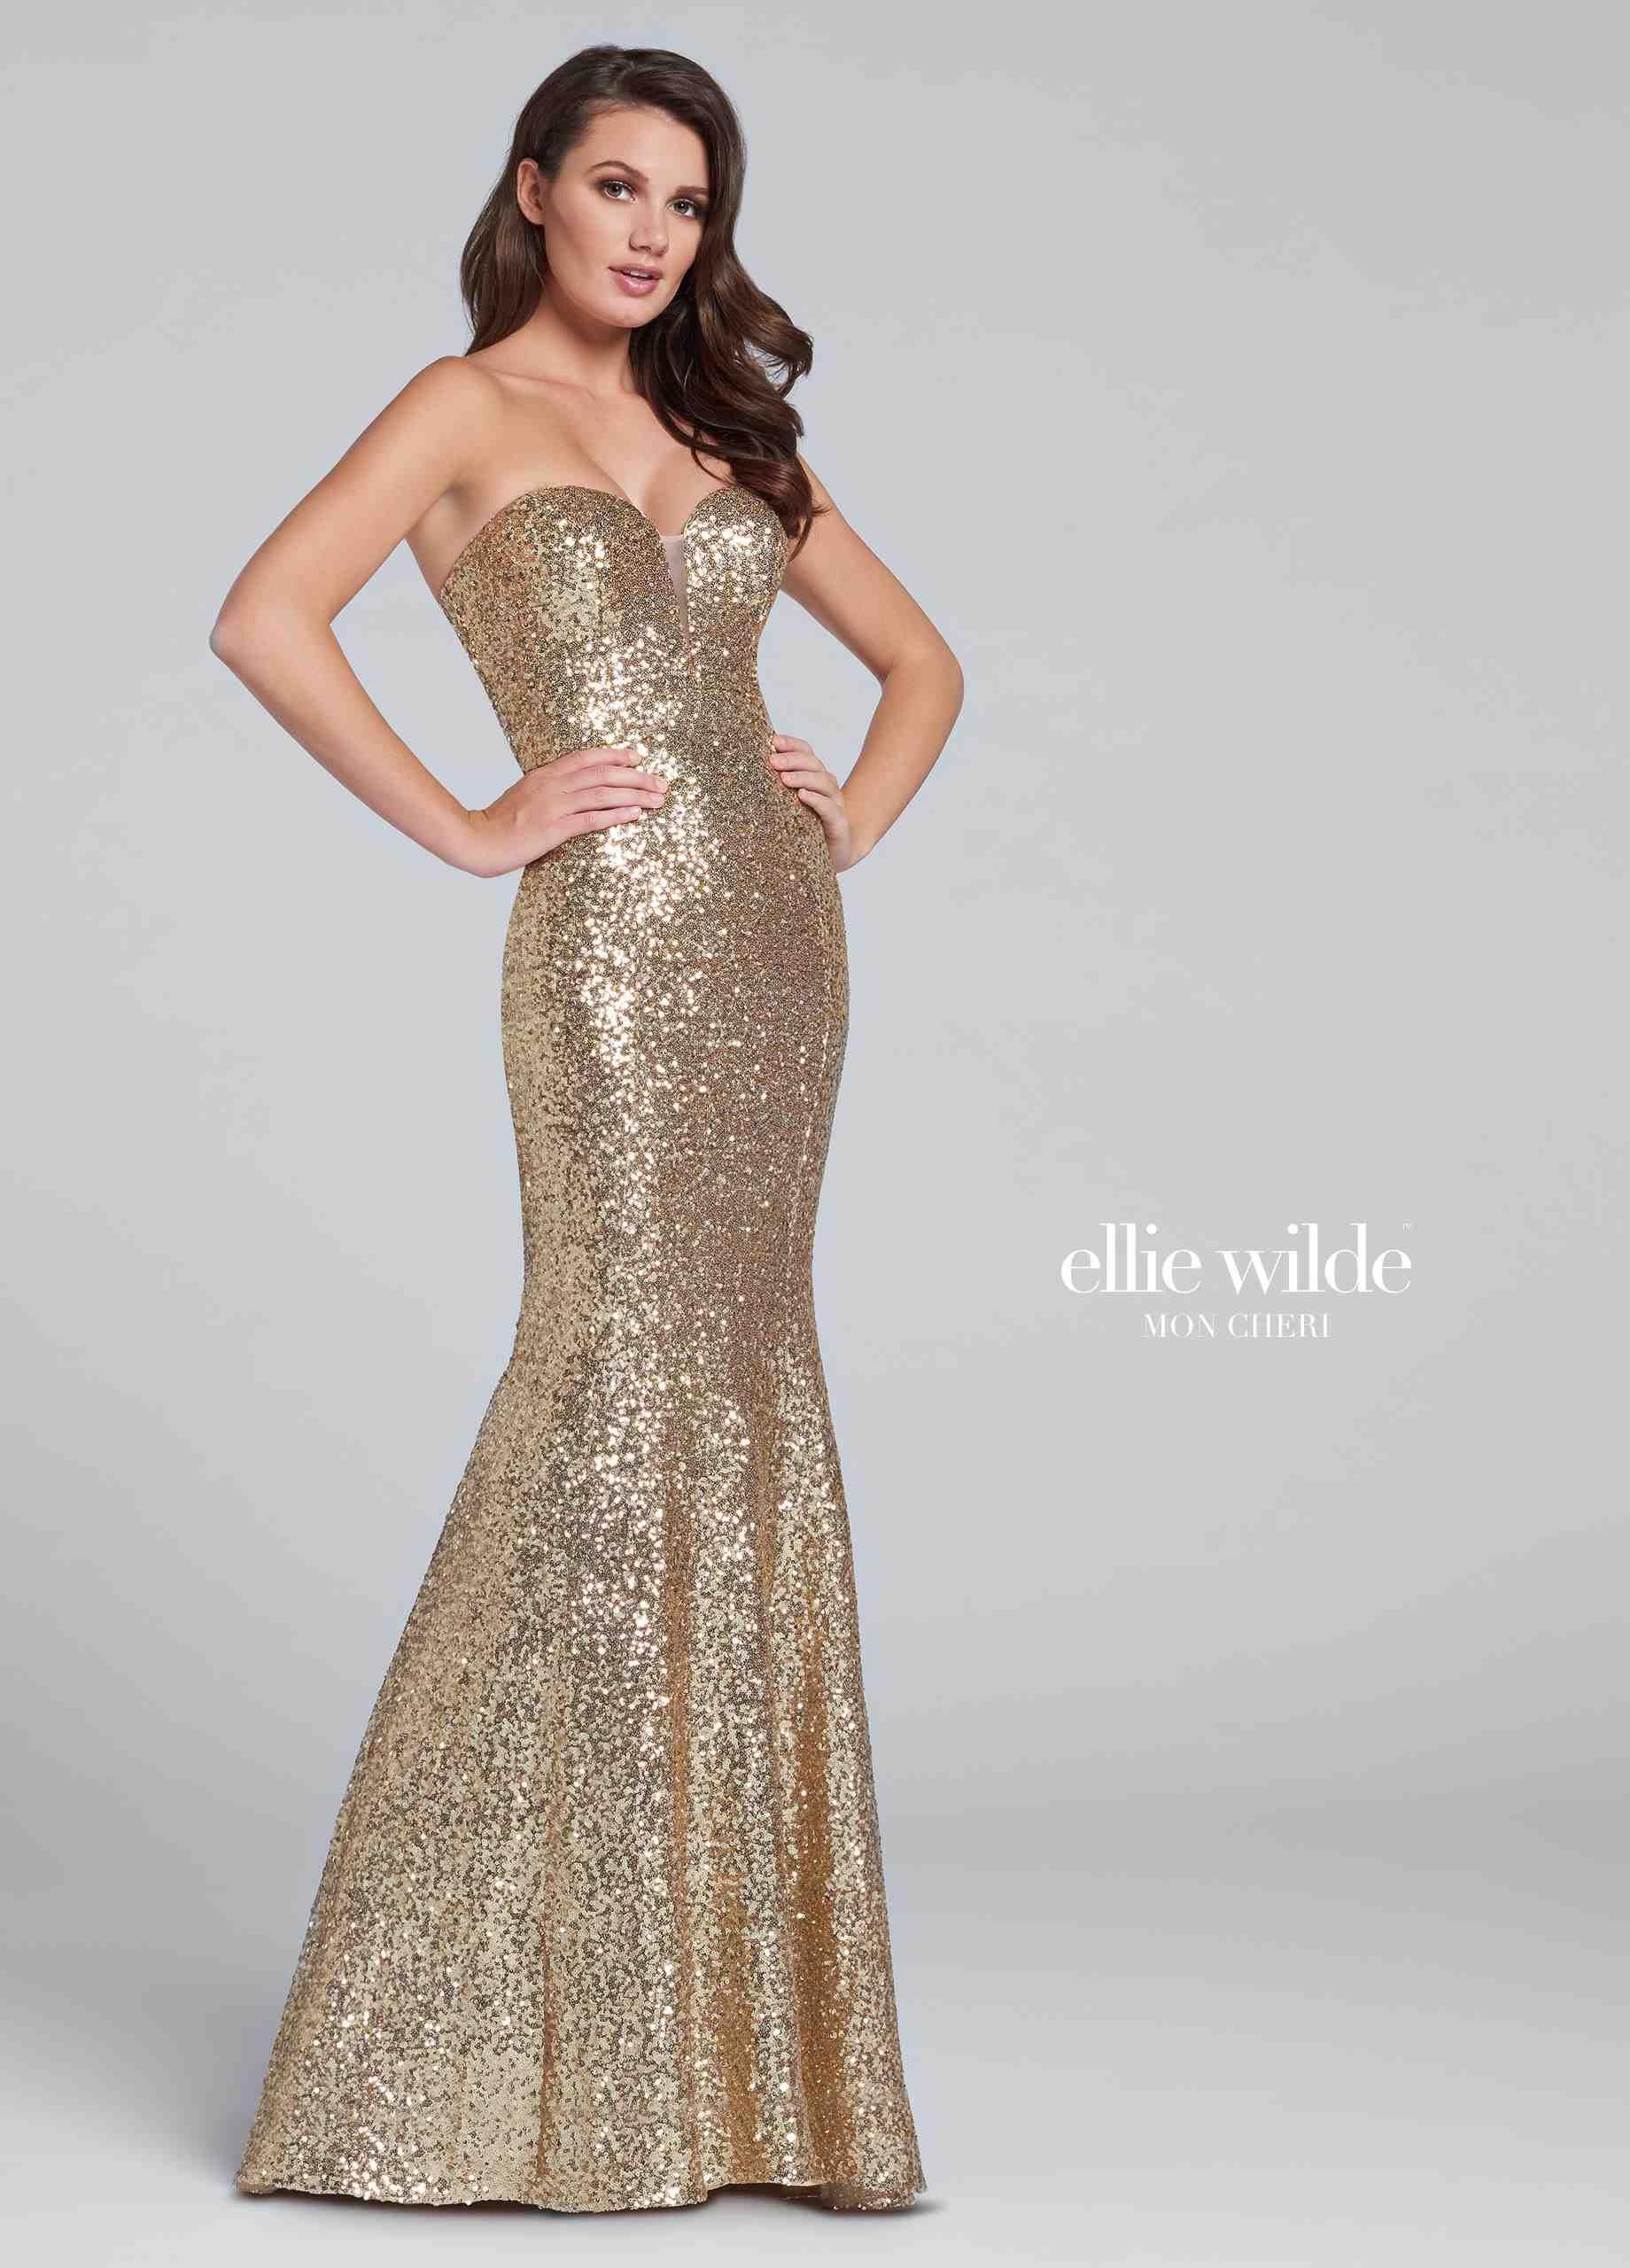 dc2034db7512b Muhteşem 2017 abiye elbise modelleri ve gece elbisesi için en güzel  modelleri sizler için bir araya getirdik.